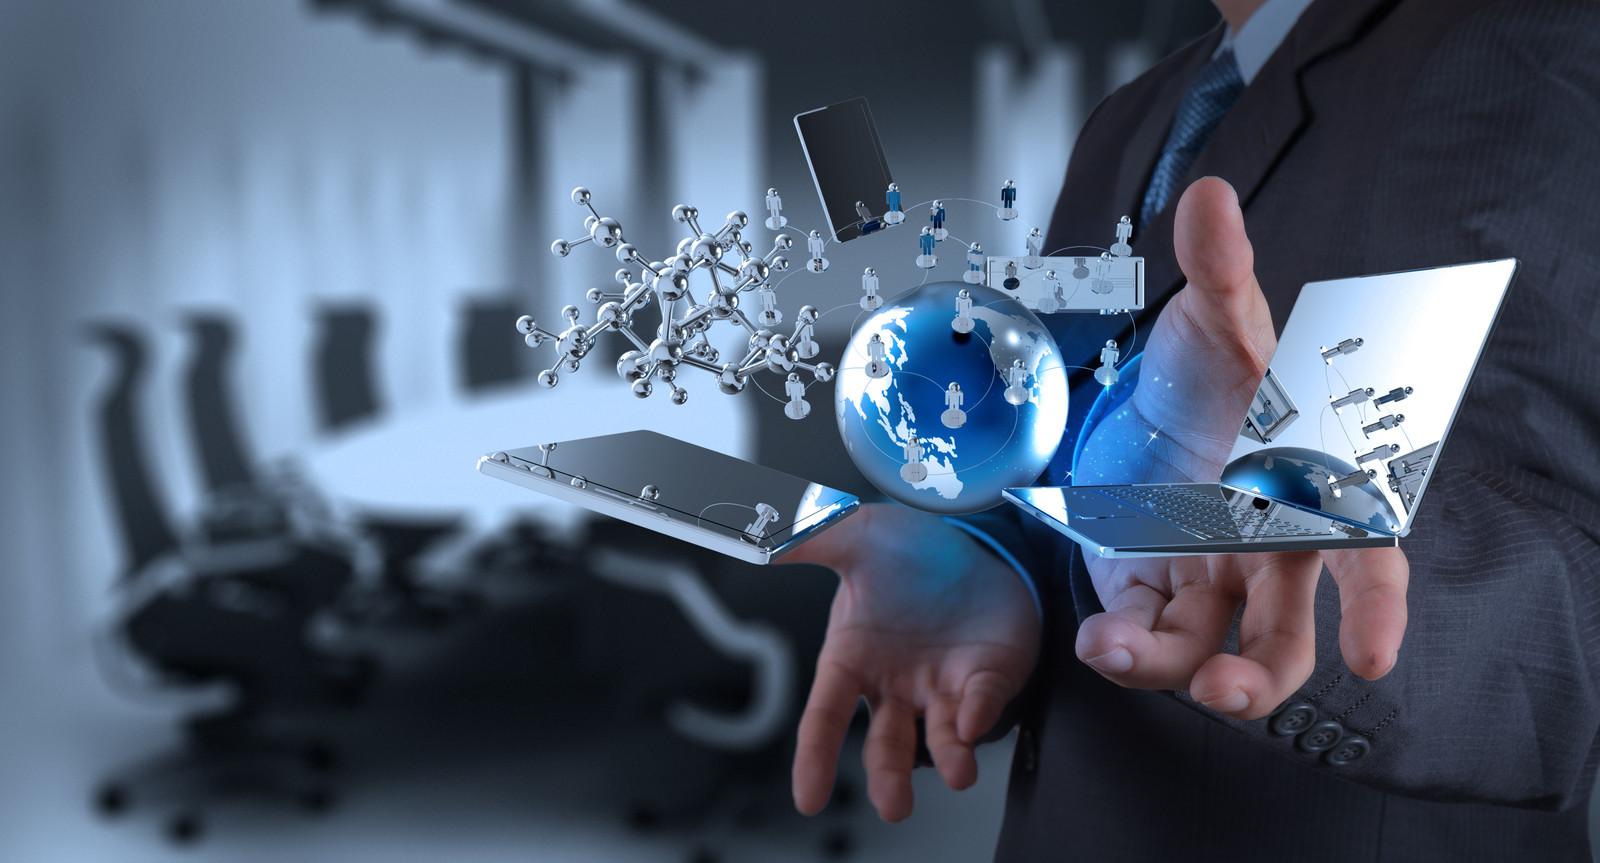 Касым-Жомарт Токаев: Растущие цифровые возможности накладывают и ответственность за их разумное применение